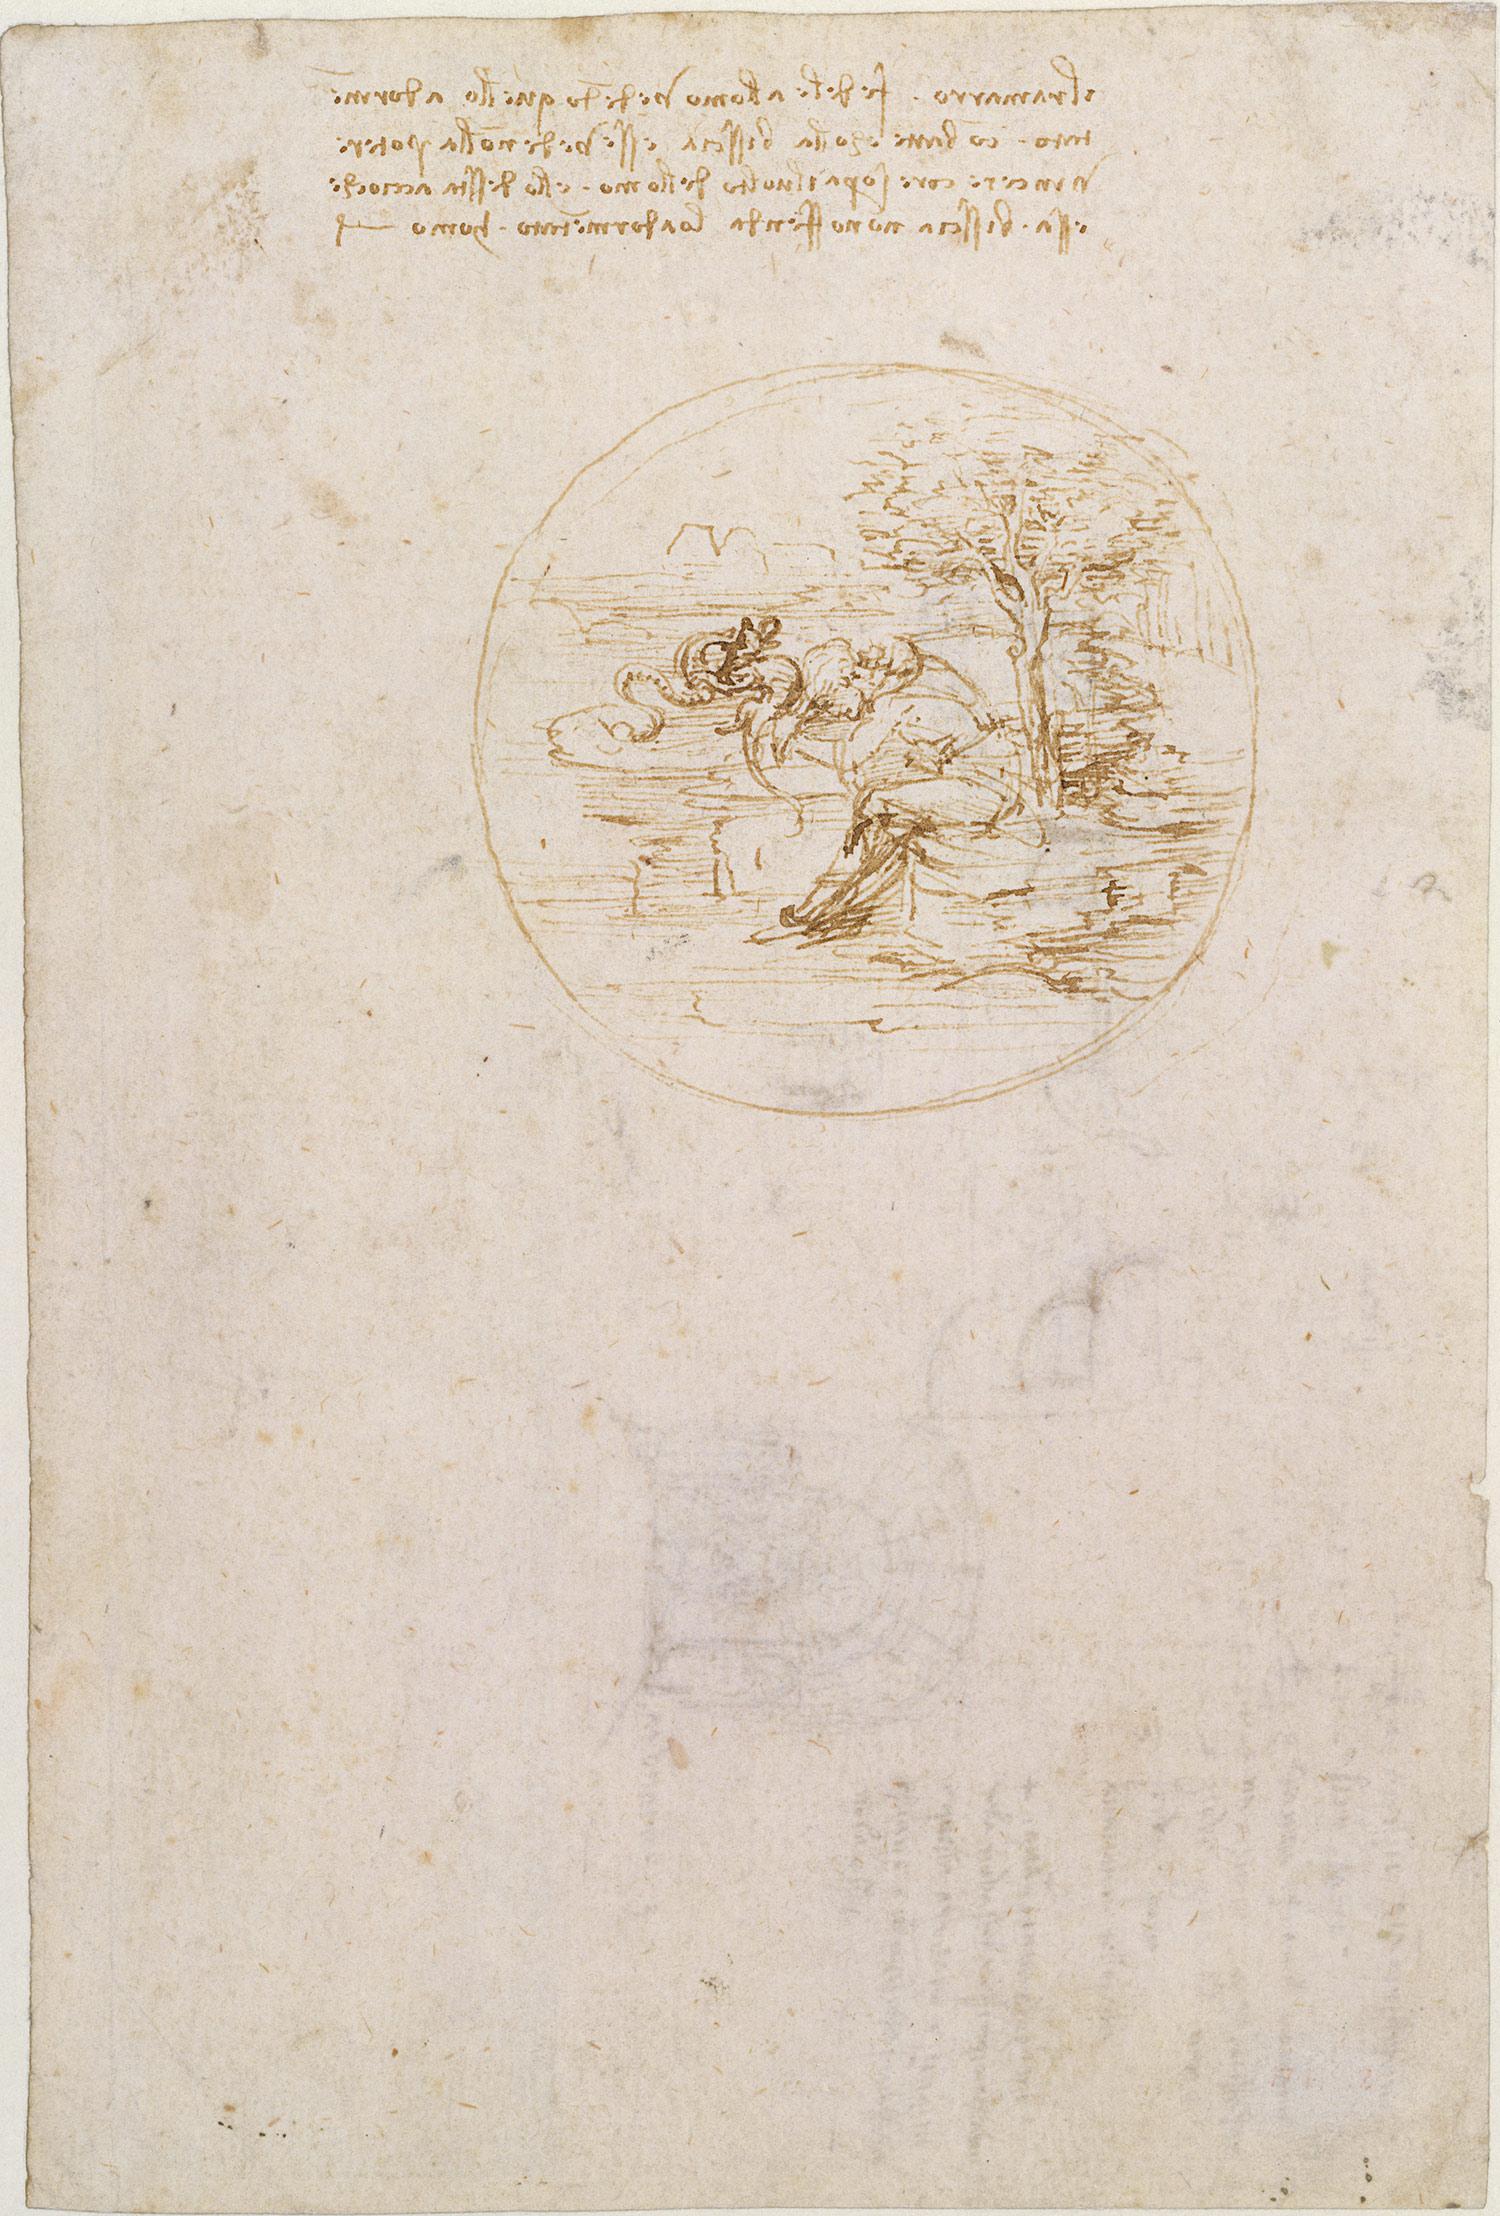 Sketching Exercises Leonardo Da Vinci Practiced To Achieve Artistic ...